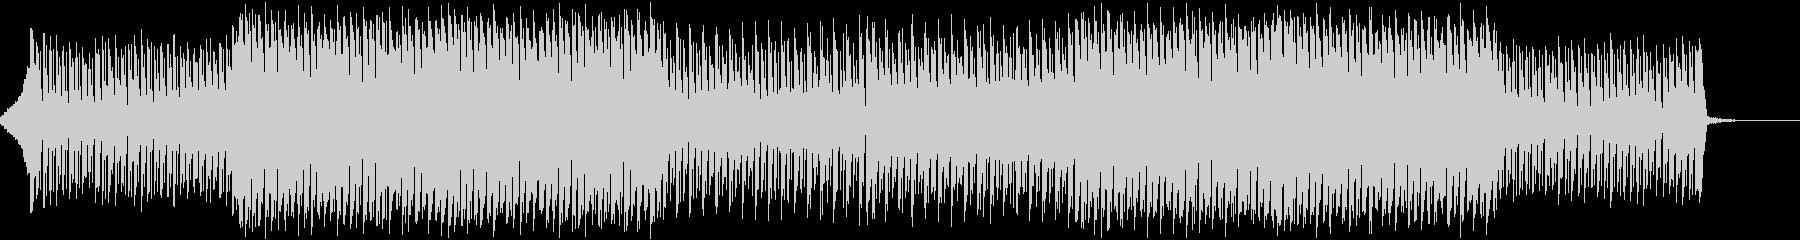 クール・80年代・レトロ・マシンの未再生の波形